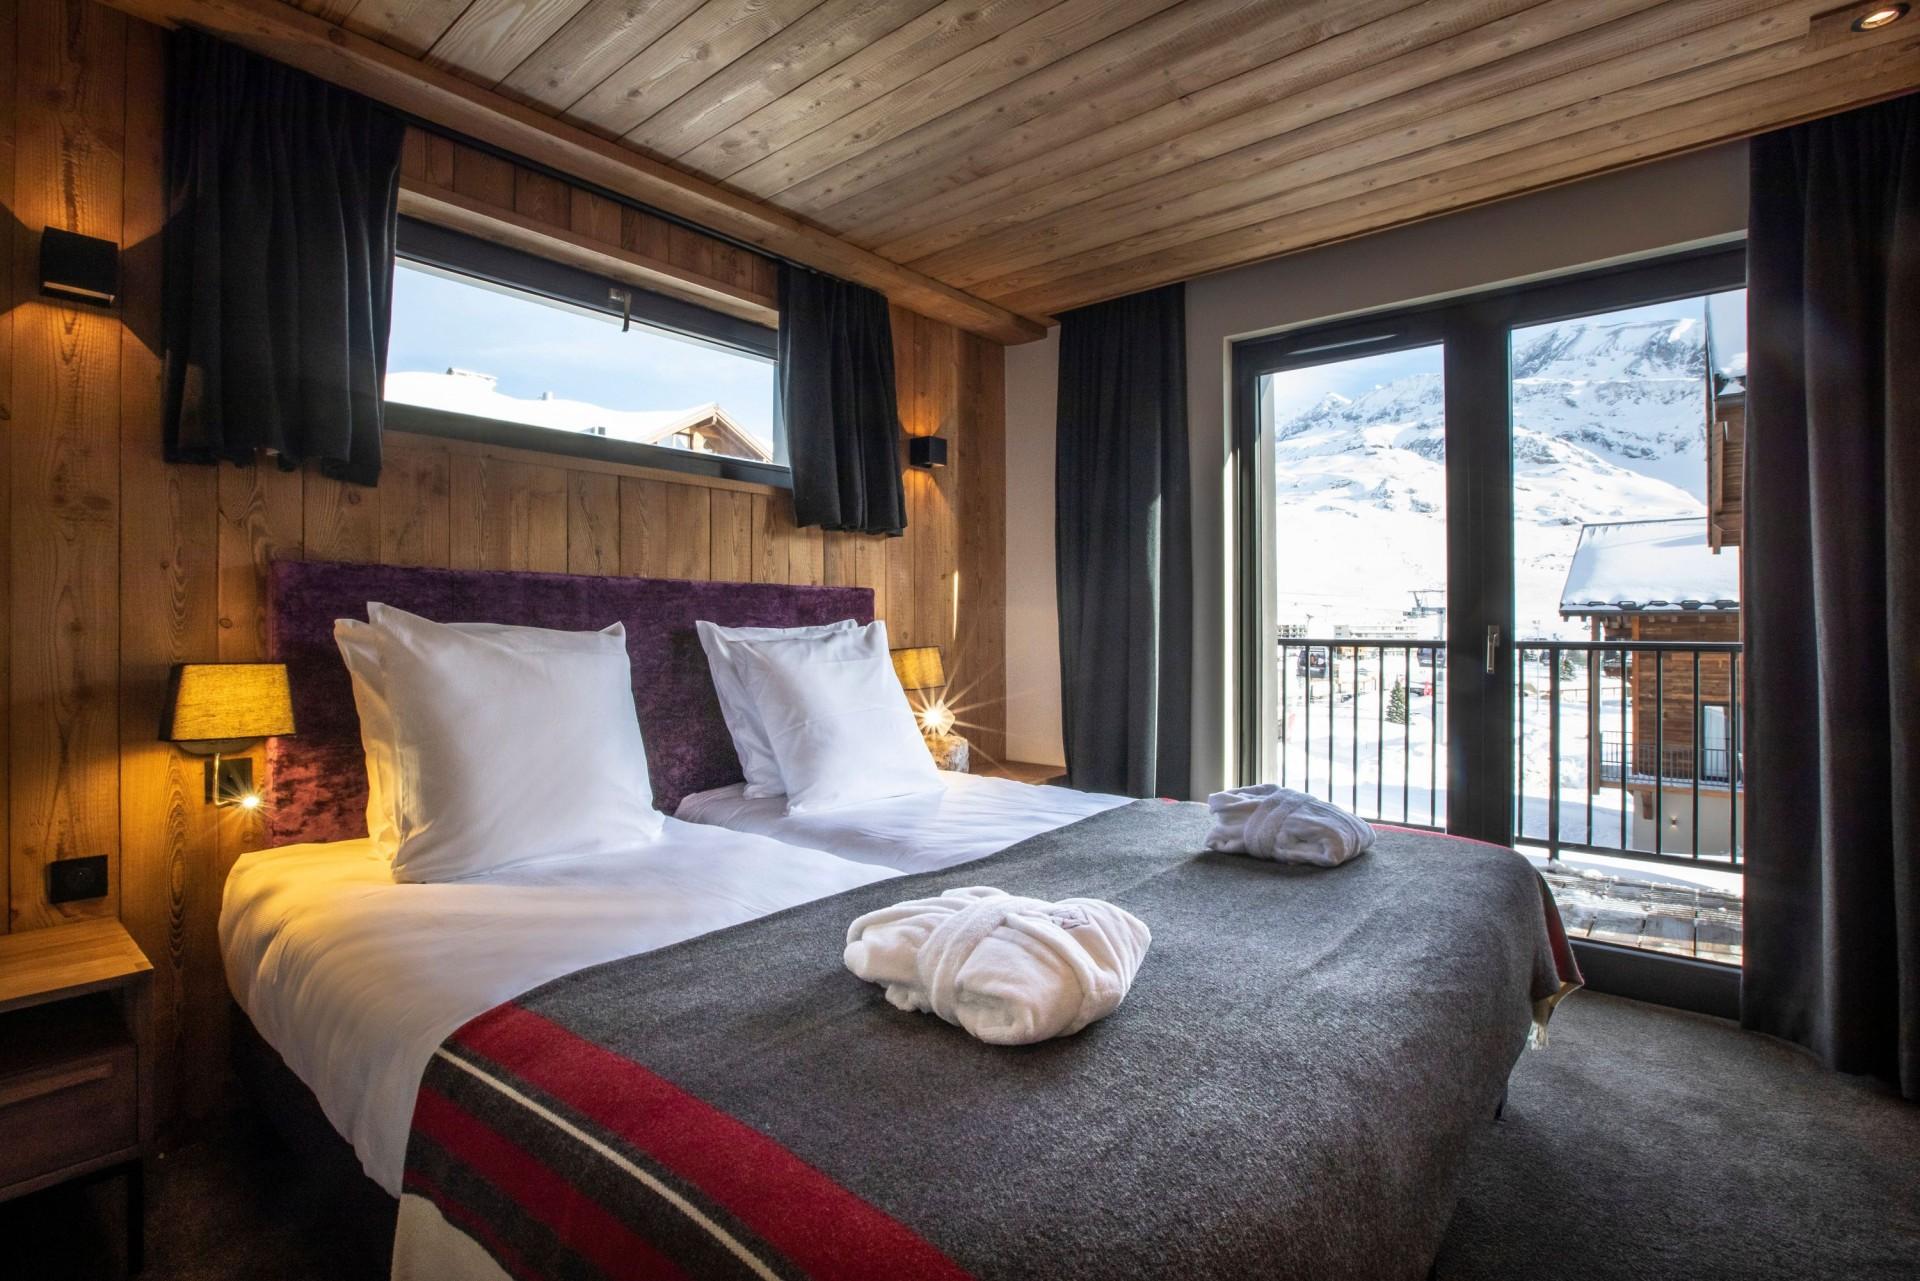 alpe-d-huez-location-chalet-luxe-acenakite